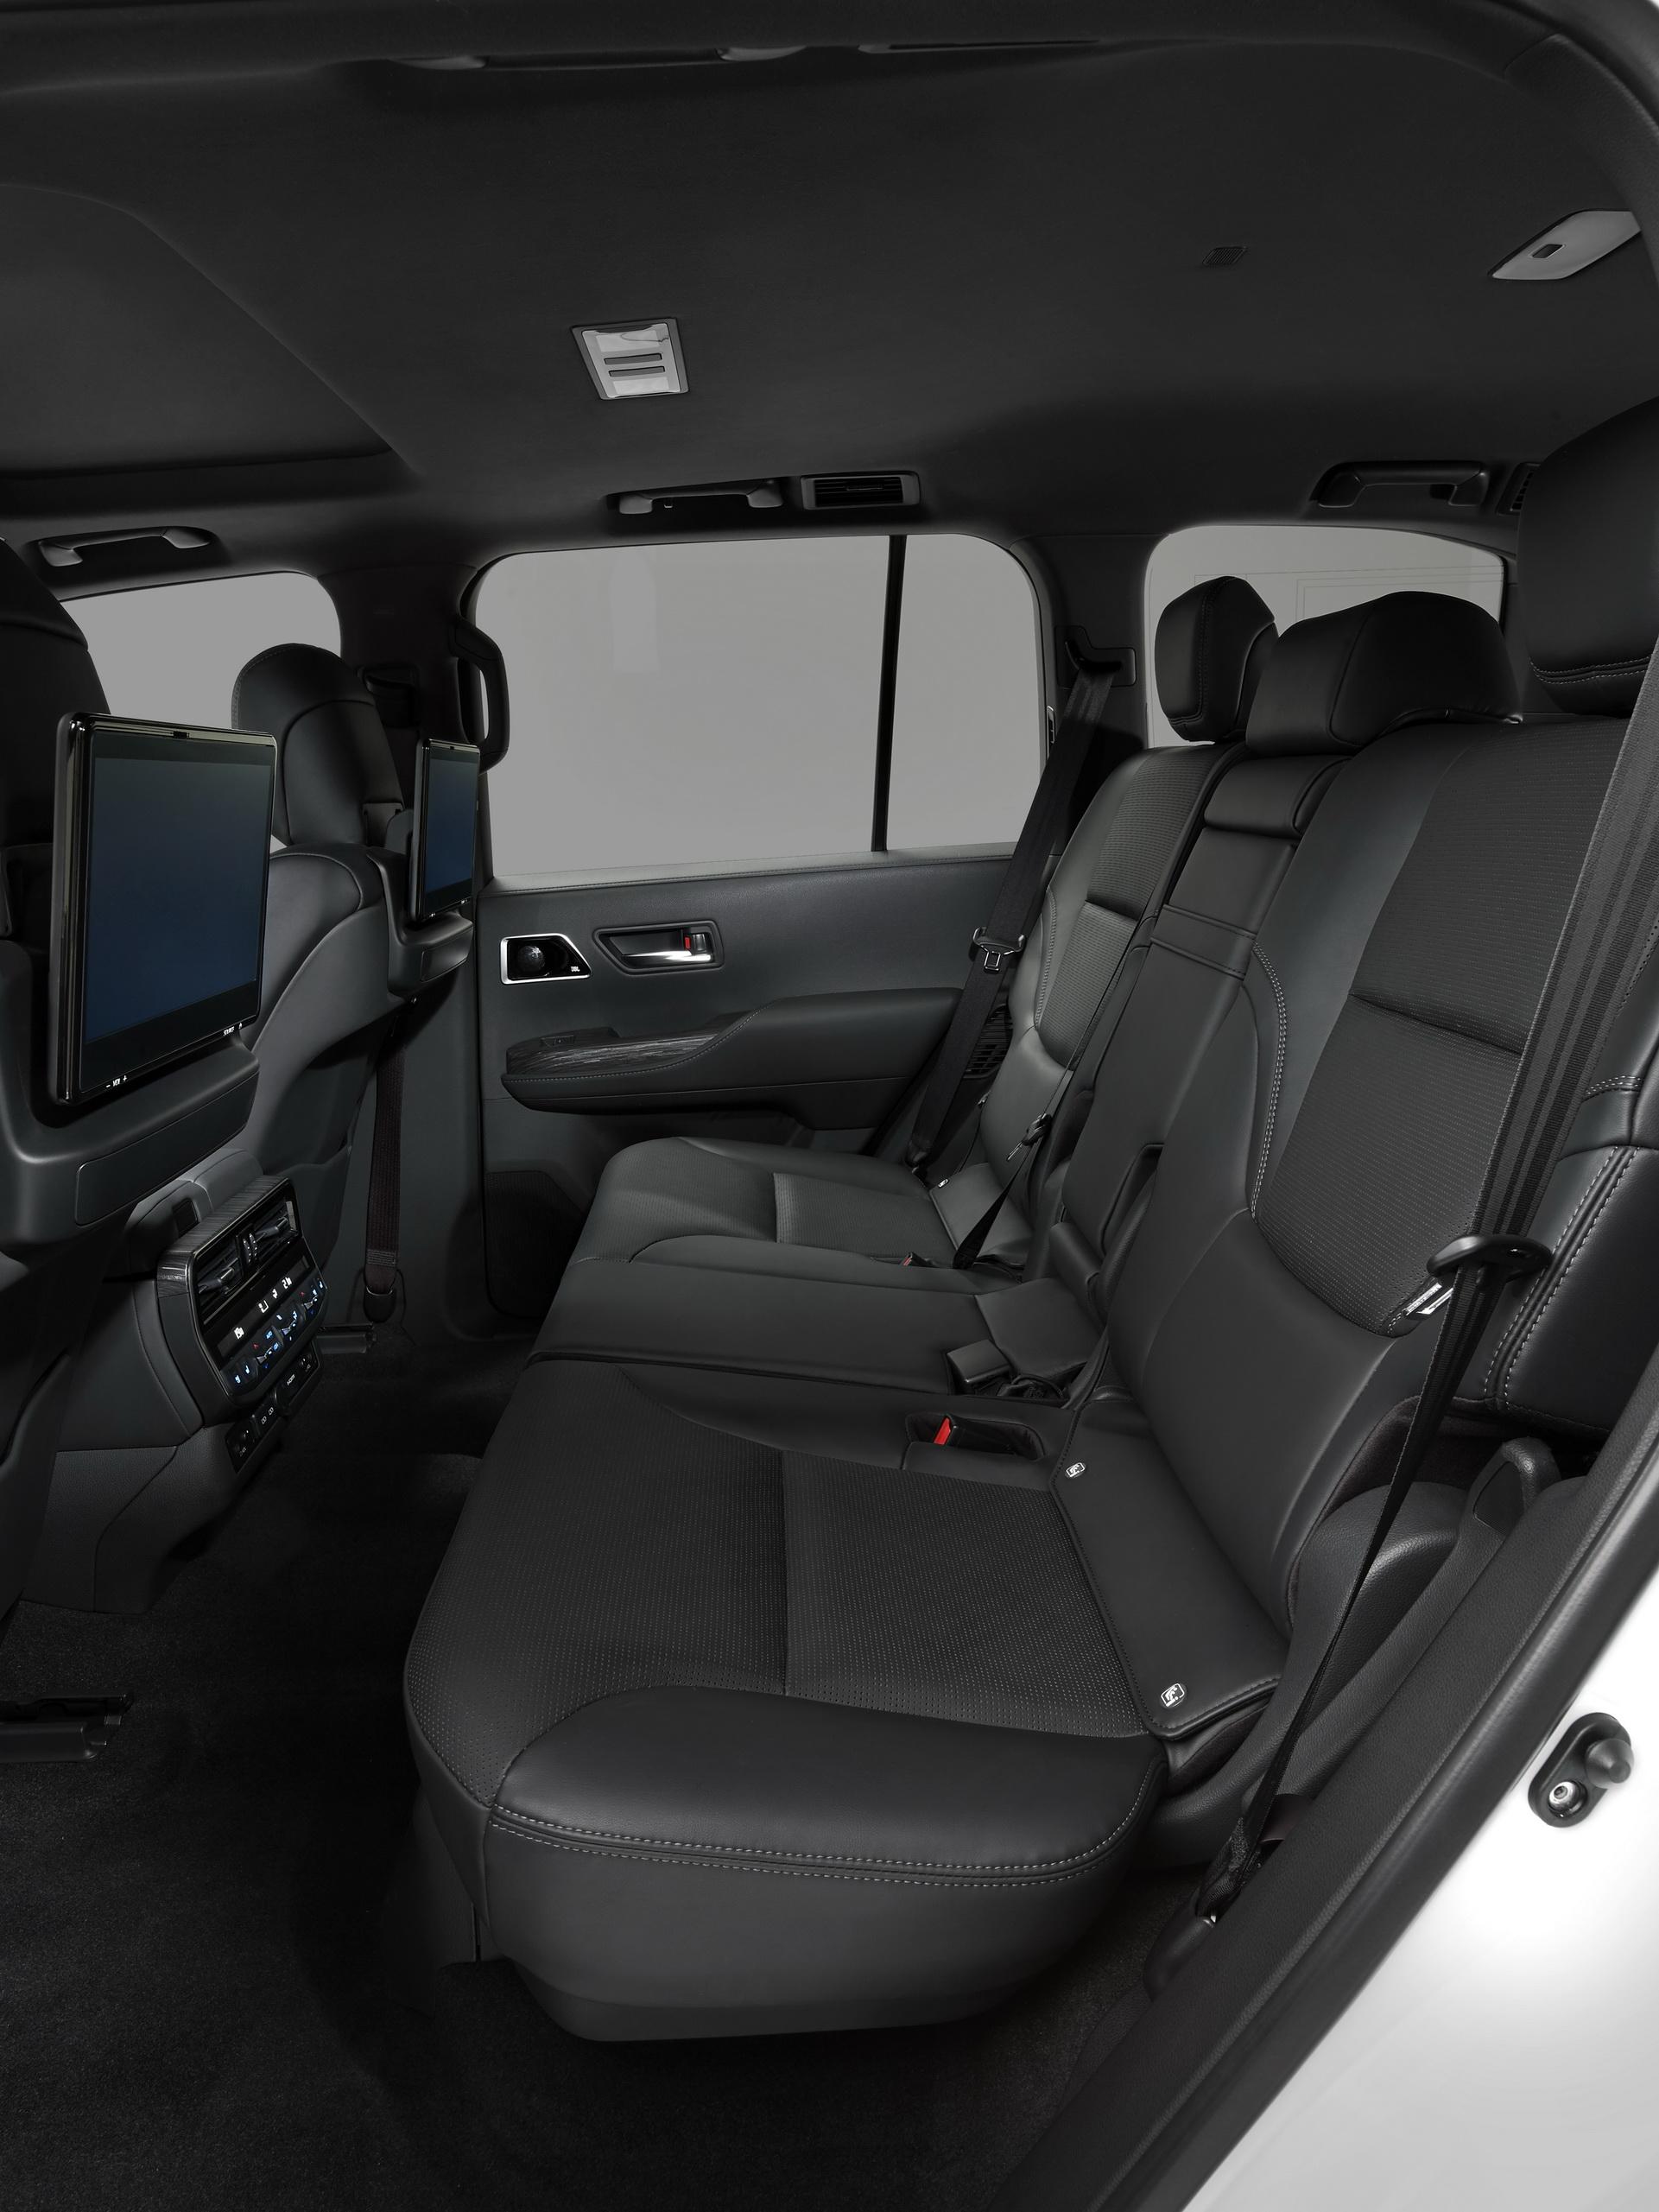 Toyota Land Cruiser 2022 ra mắt: Kiểu dáng mới, động cơ tăng áp, nhiều tính năng hỗ trợ offroad - Ảnh 7.